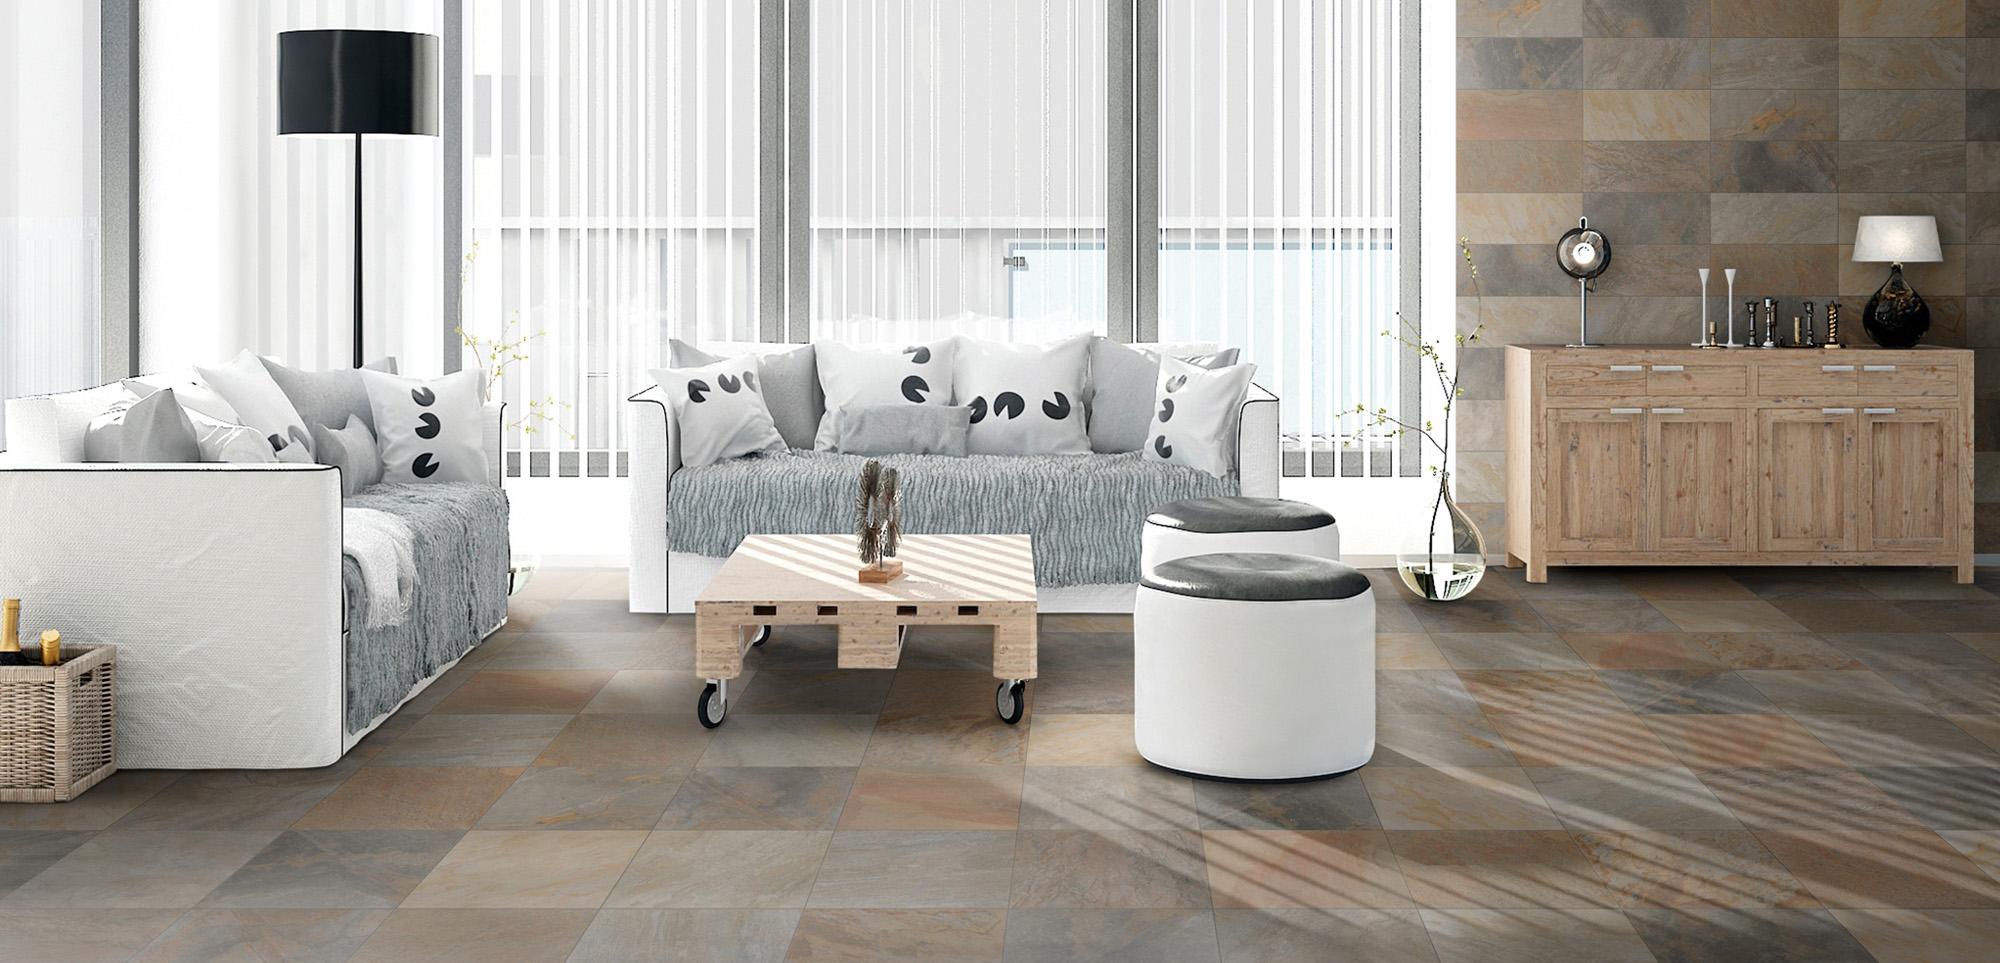 Wanjer muebles de cocina obtenga ideas dise o de muebles for Muebles de cocina bauhaus